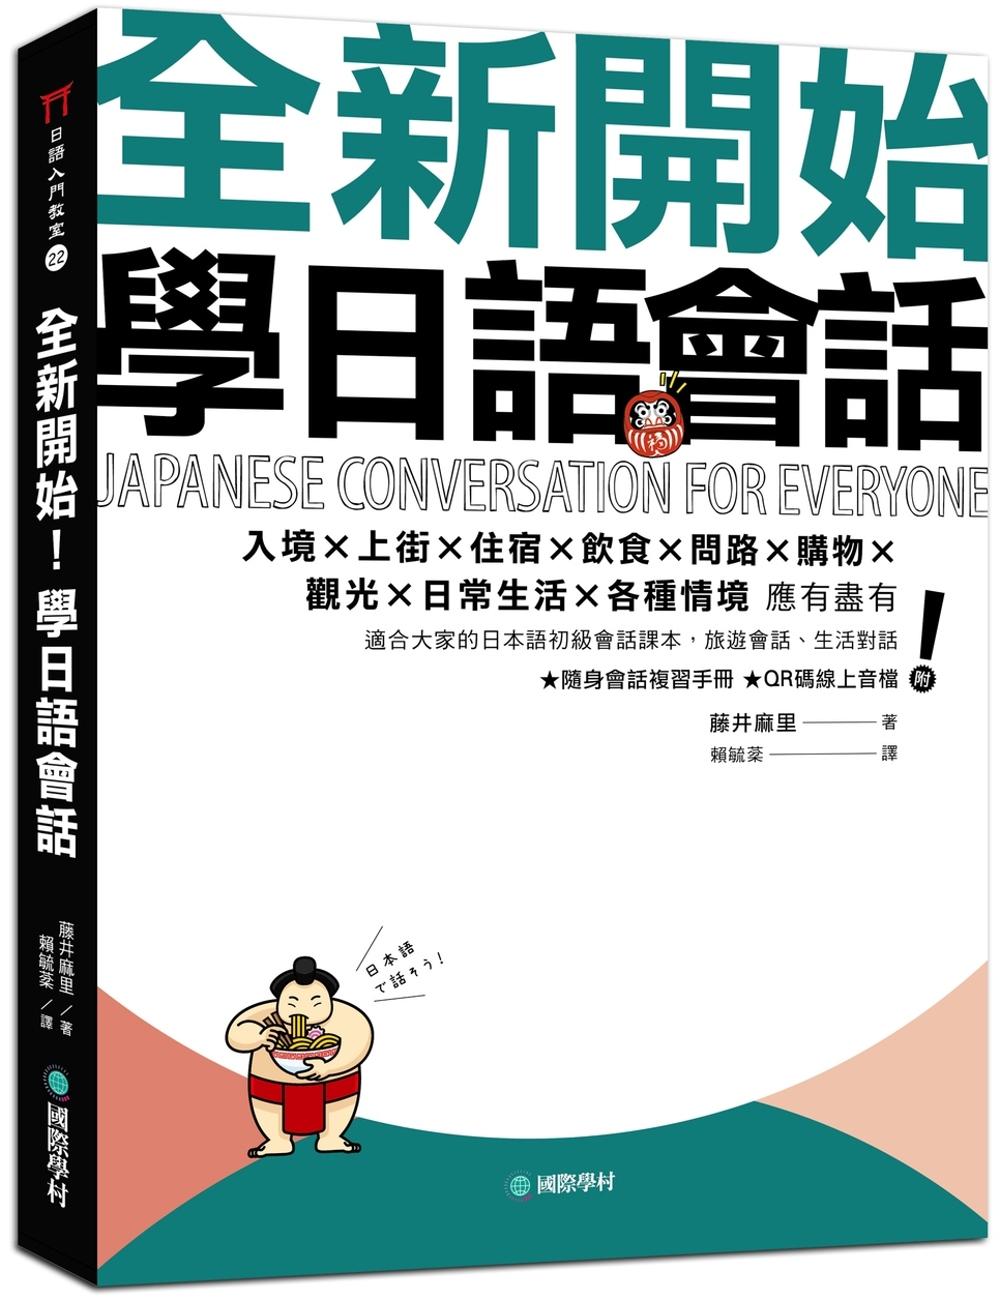 全新開始!學日語會話:適合大家的日本語初級會話課本,旅遊會話、生活對話應有盡有(附隨身會話複習手冊+QR碼線上音檔)